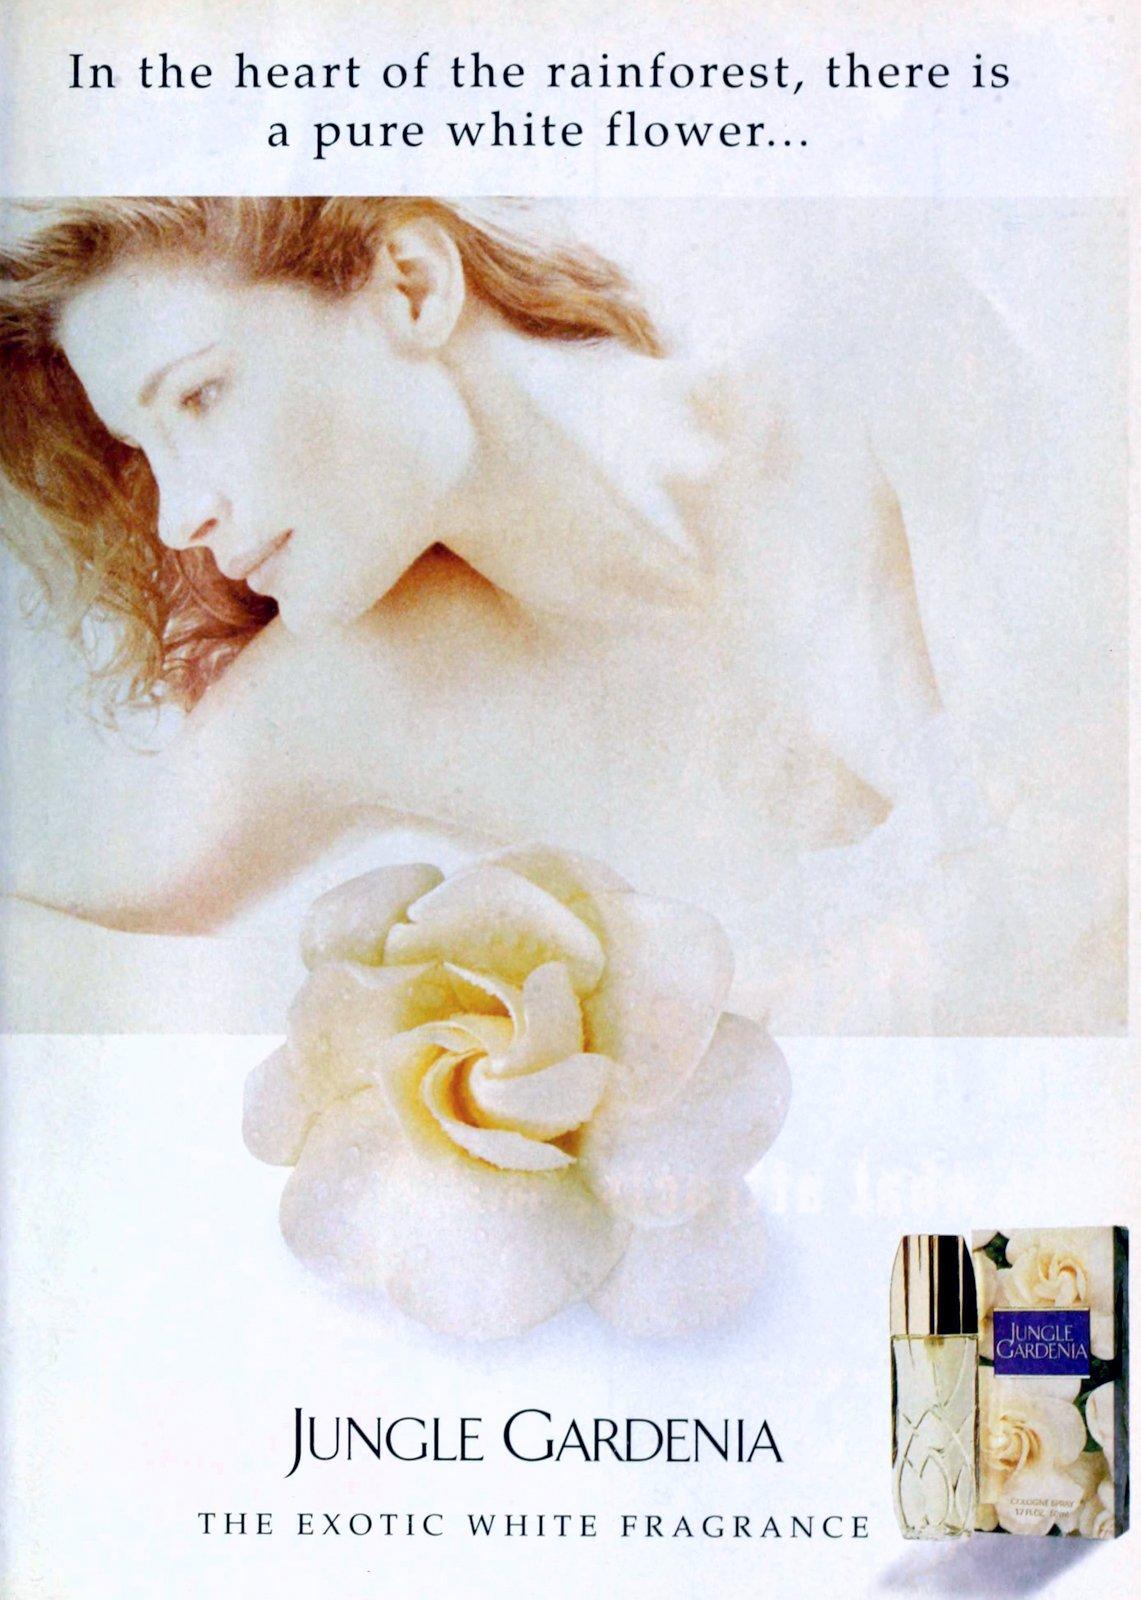 Jungle Gardenia fragrance (1995) at ClickAmericana com